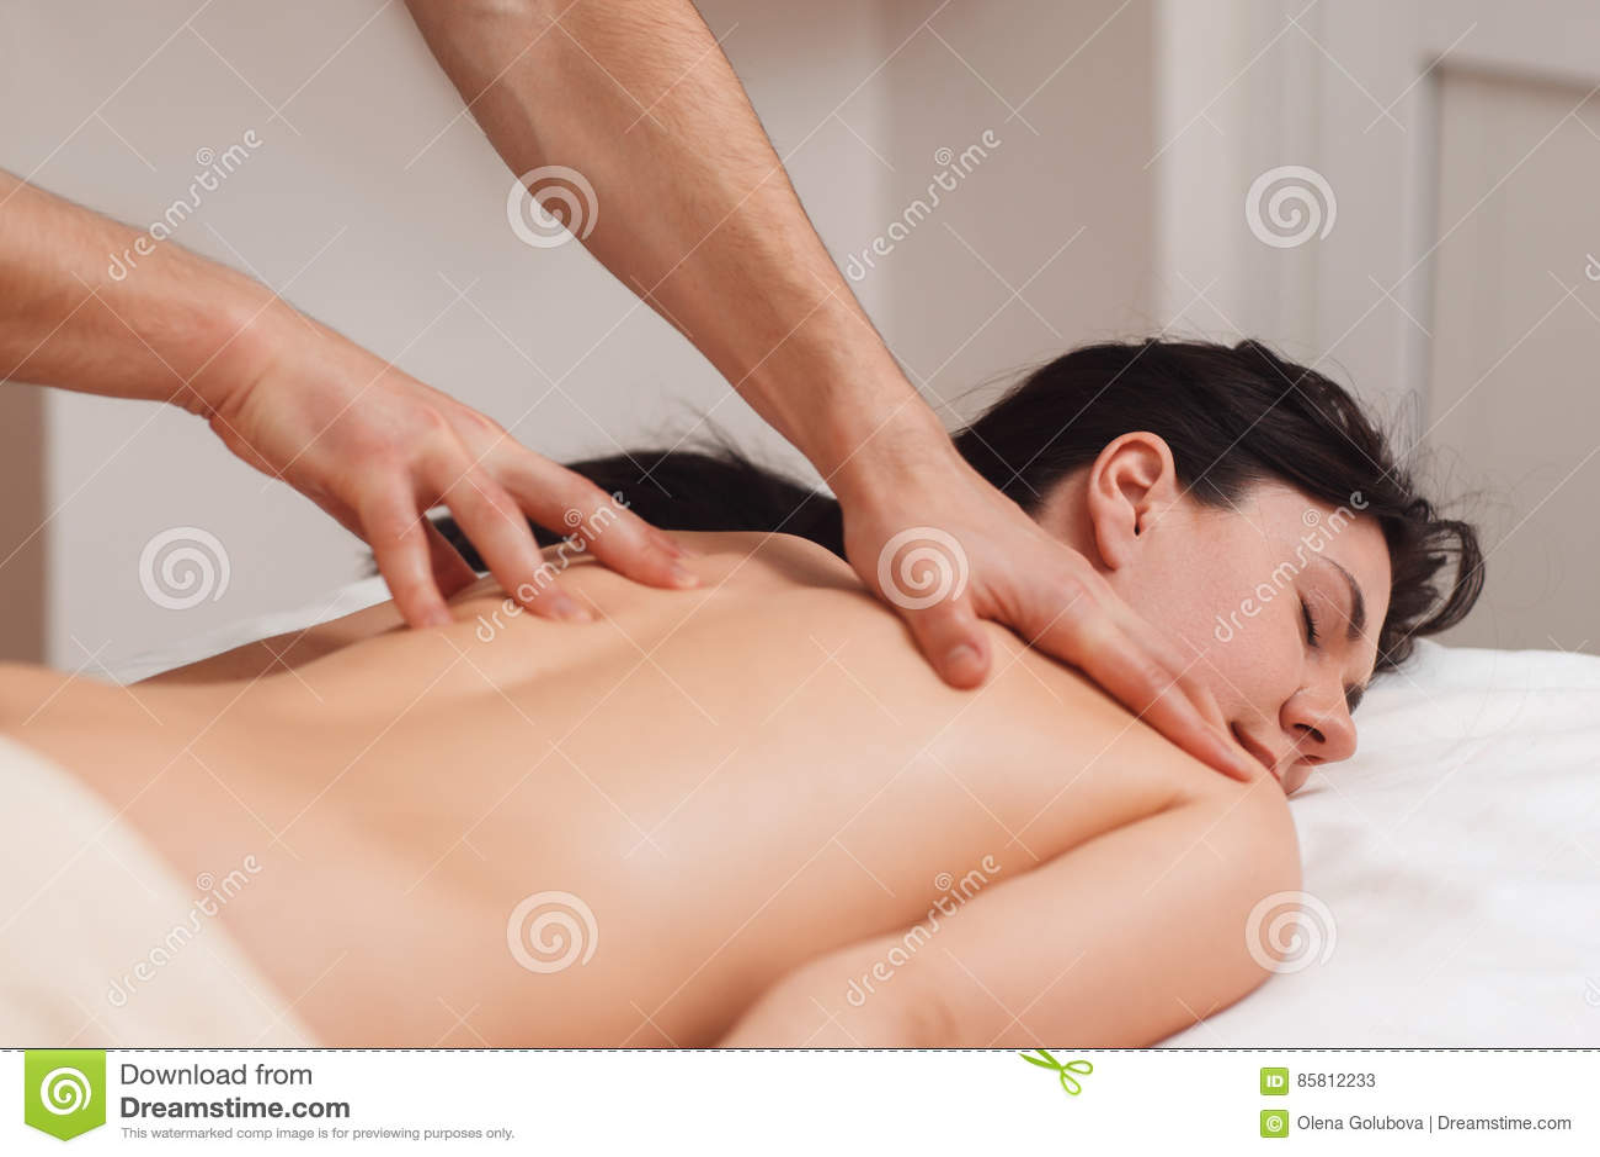 Nackte massage